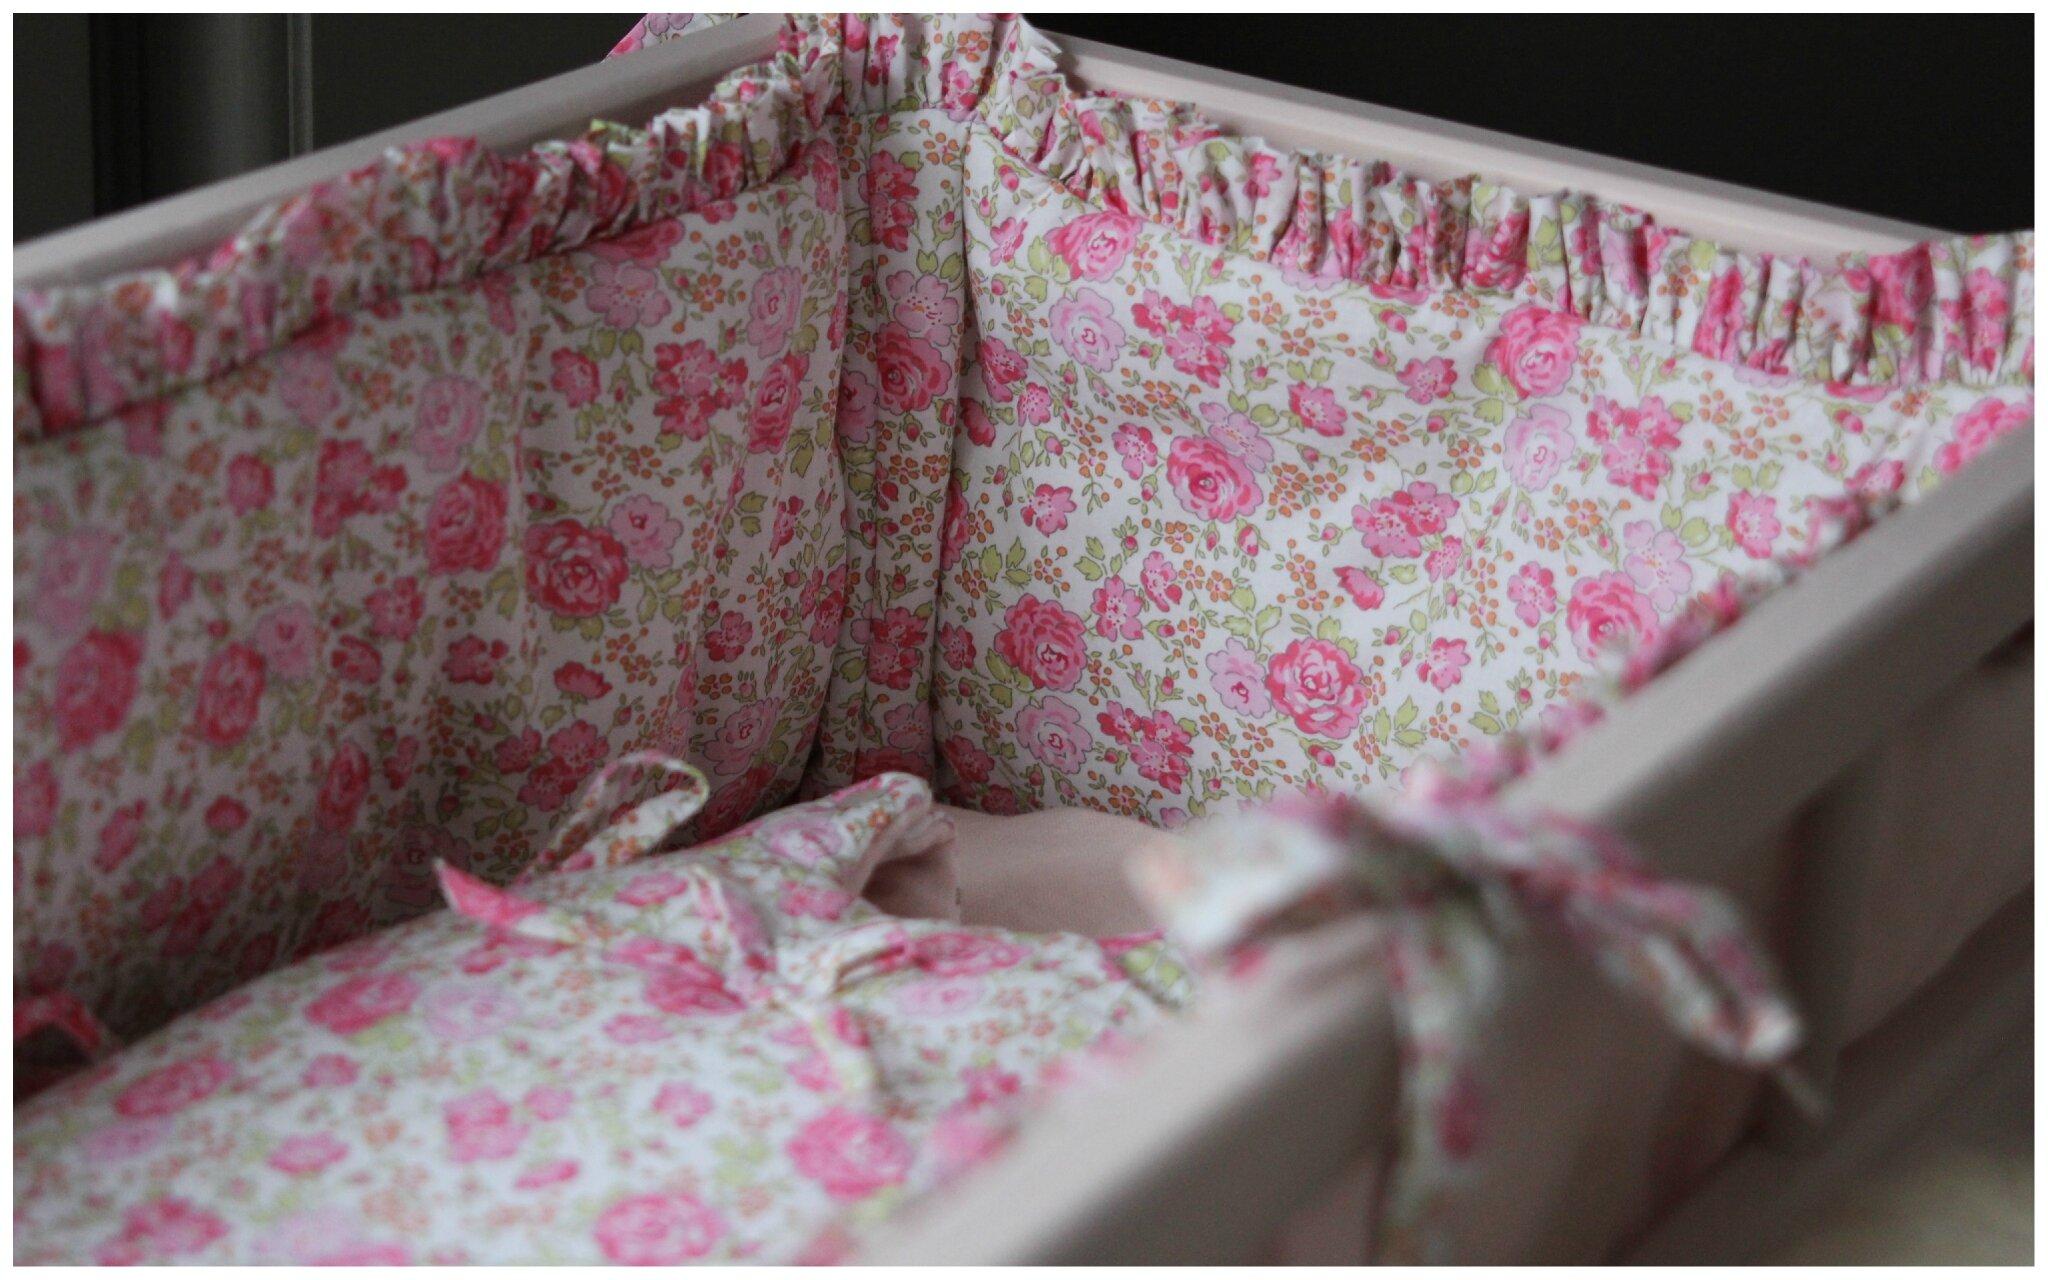 En attendant le printemps ma jolie tribu le blog - Tour de lit rose poudre ...